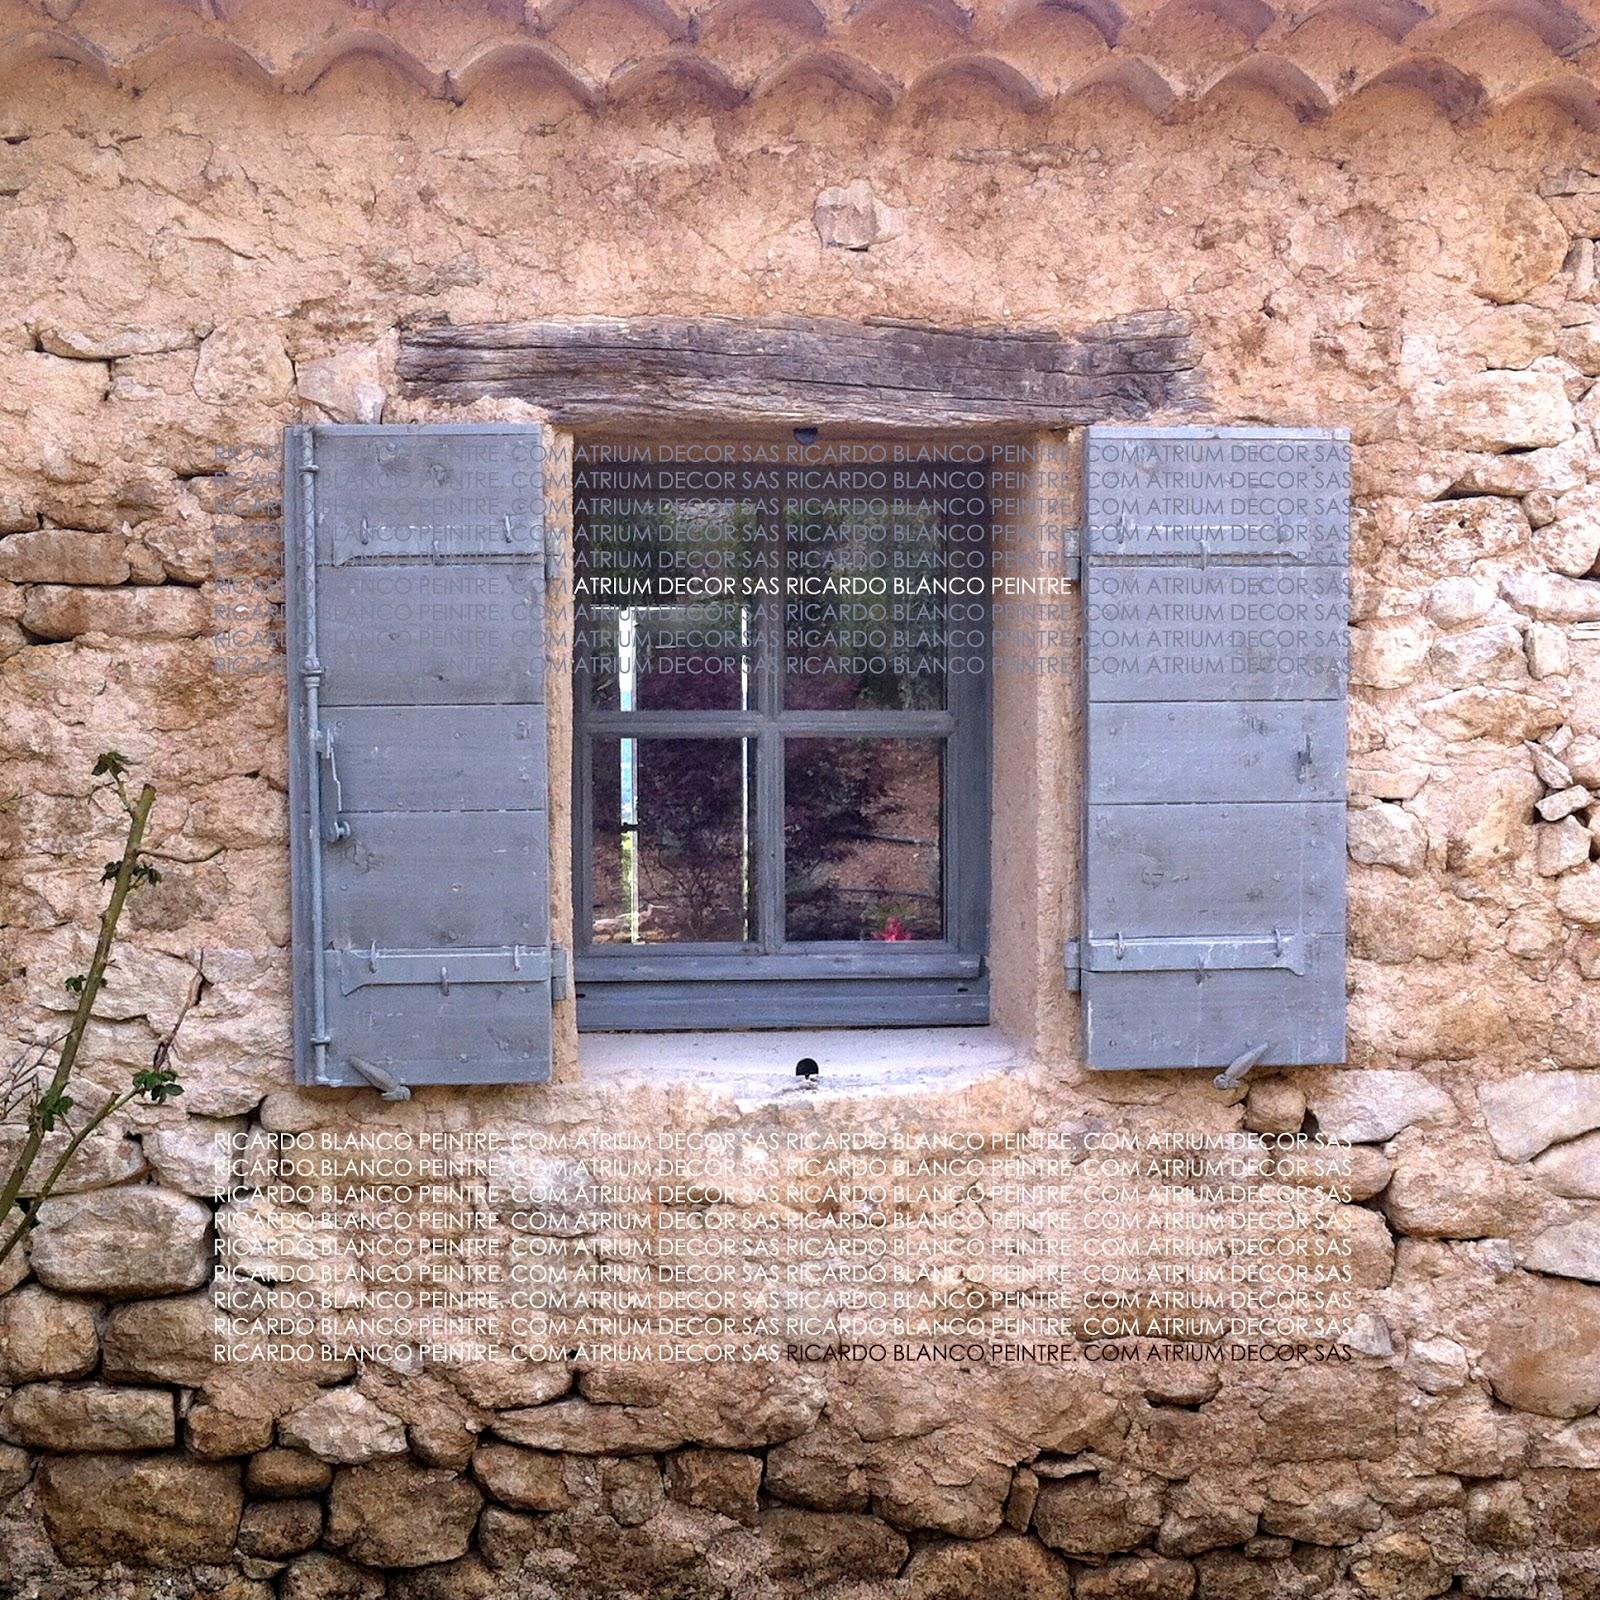 Ricardo blanco peinture d coration la chaux naturelle for Badigeon de chaux exterieur